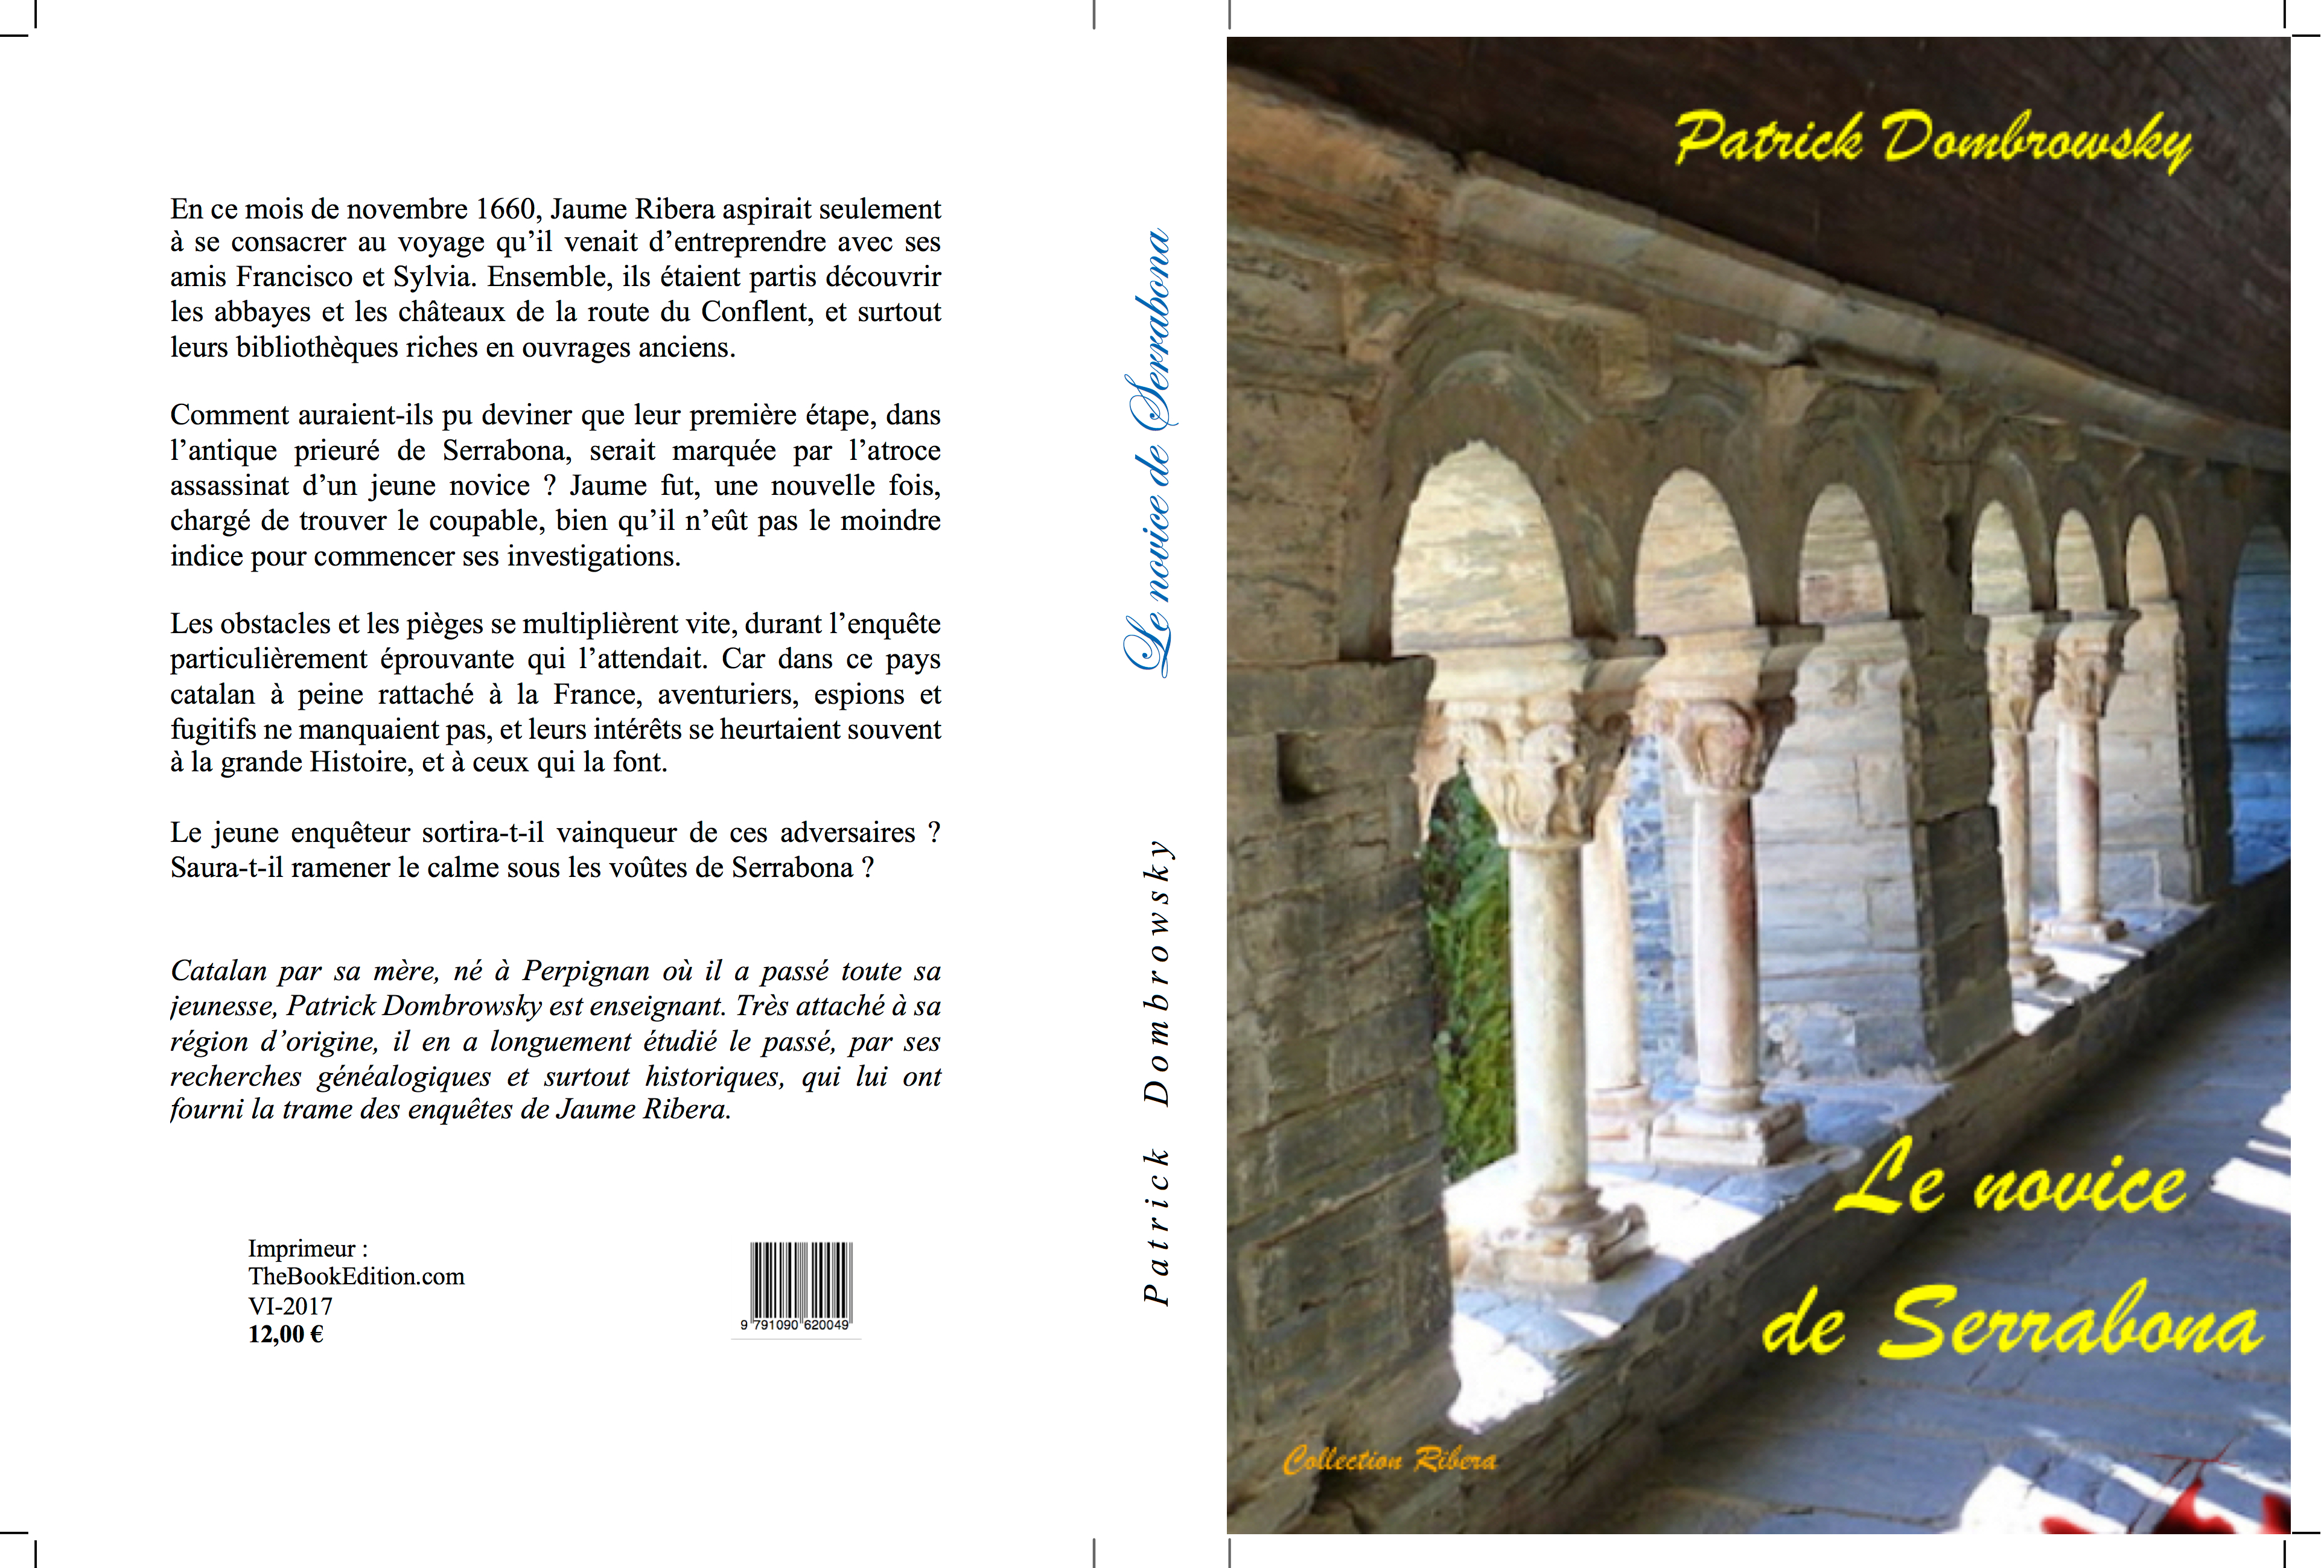 Vient de paraître le nouveau romande Patrick Dombrowsky, membre du groupe Asie21 : Le novice de Serrabona